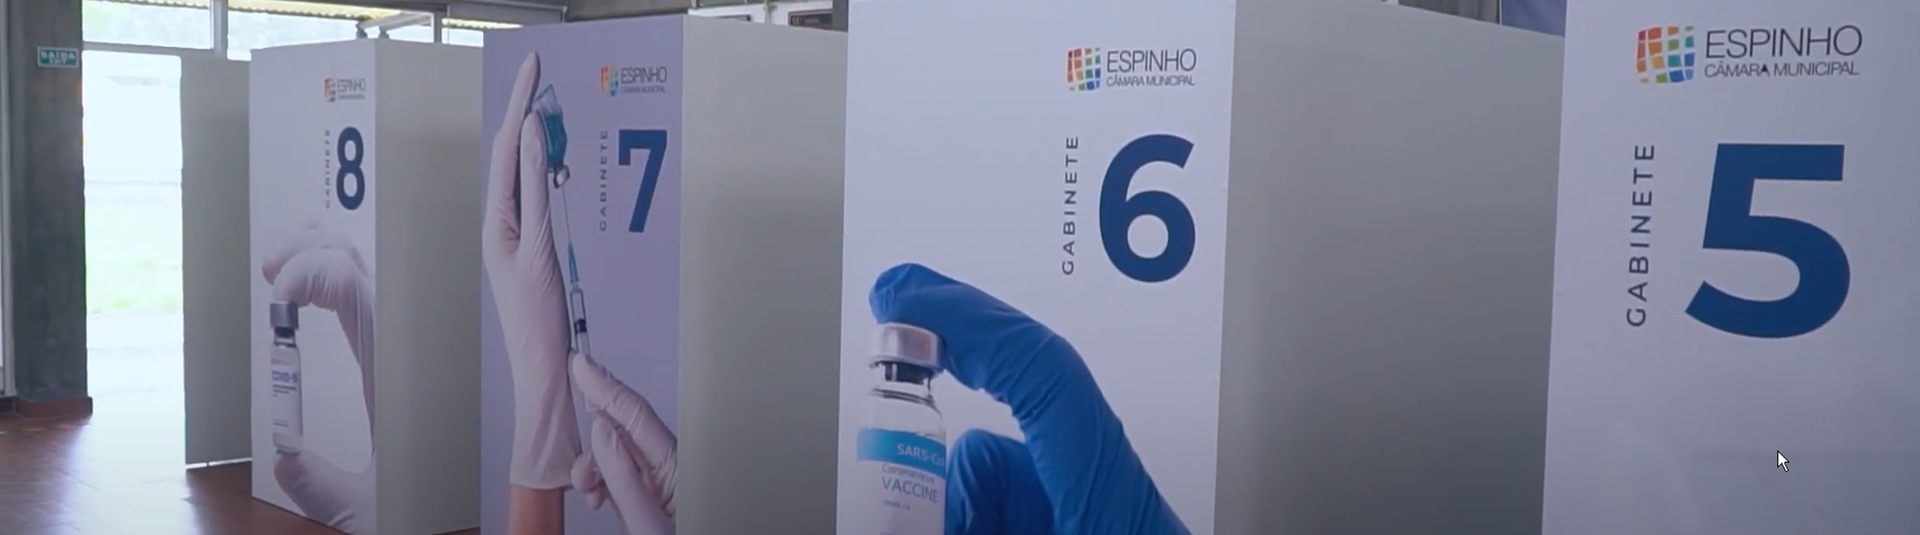 Novo Centro de Vacinação Covid de Espinho